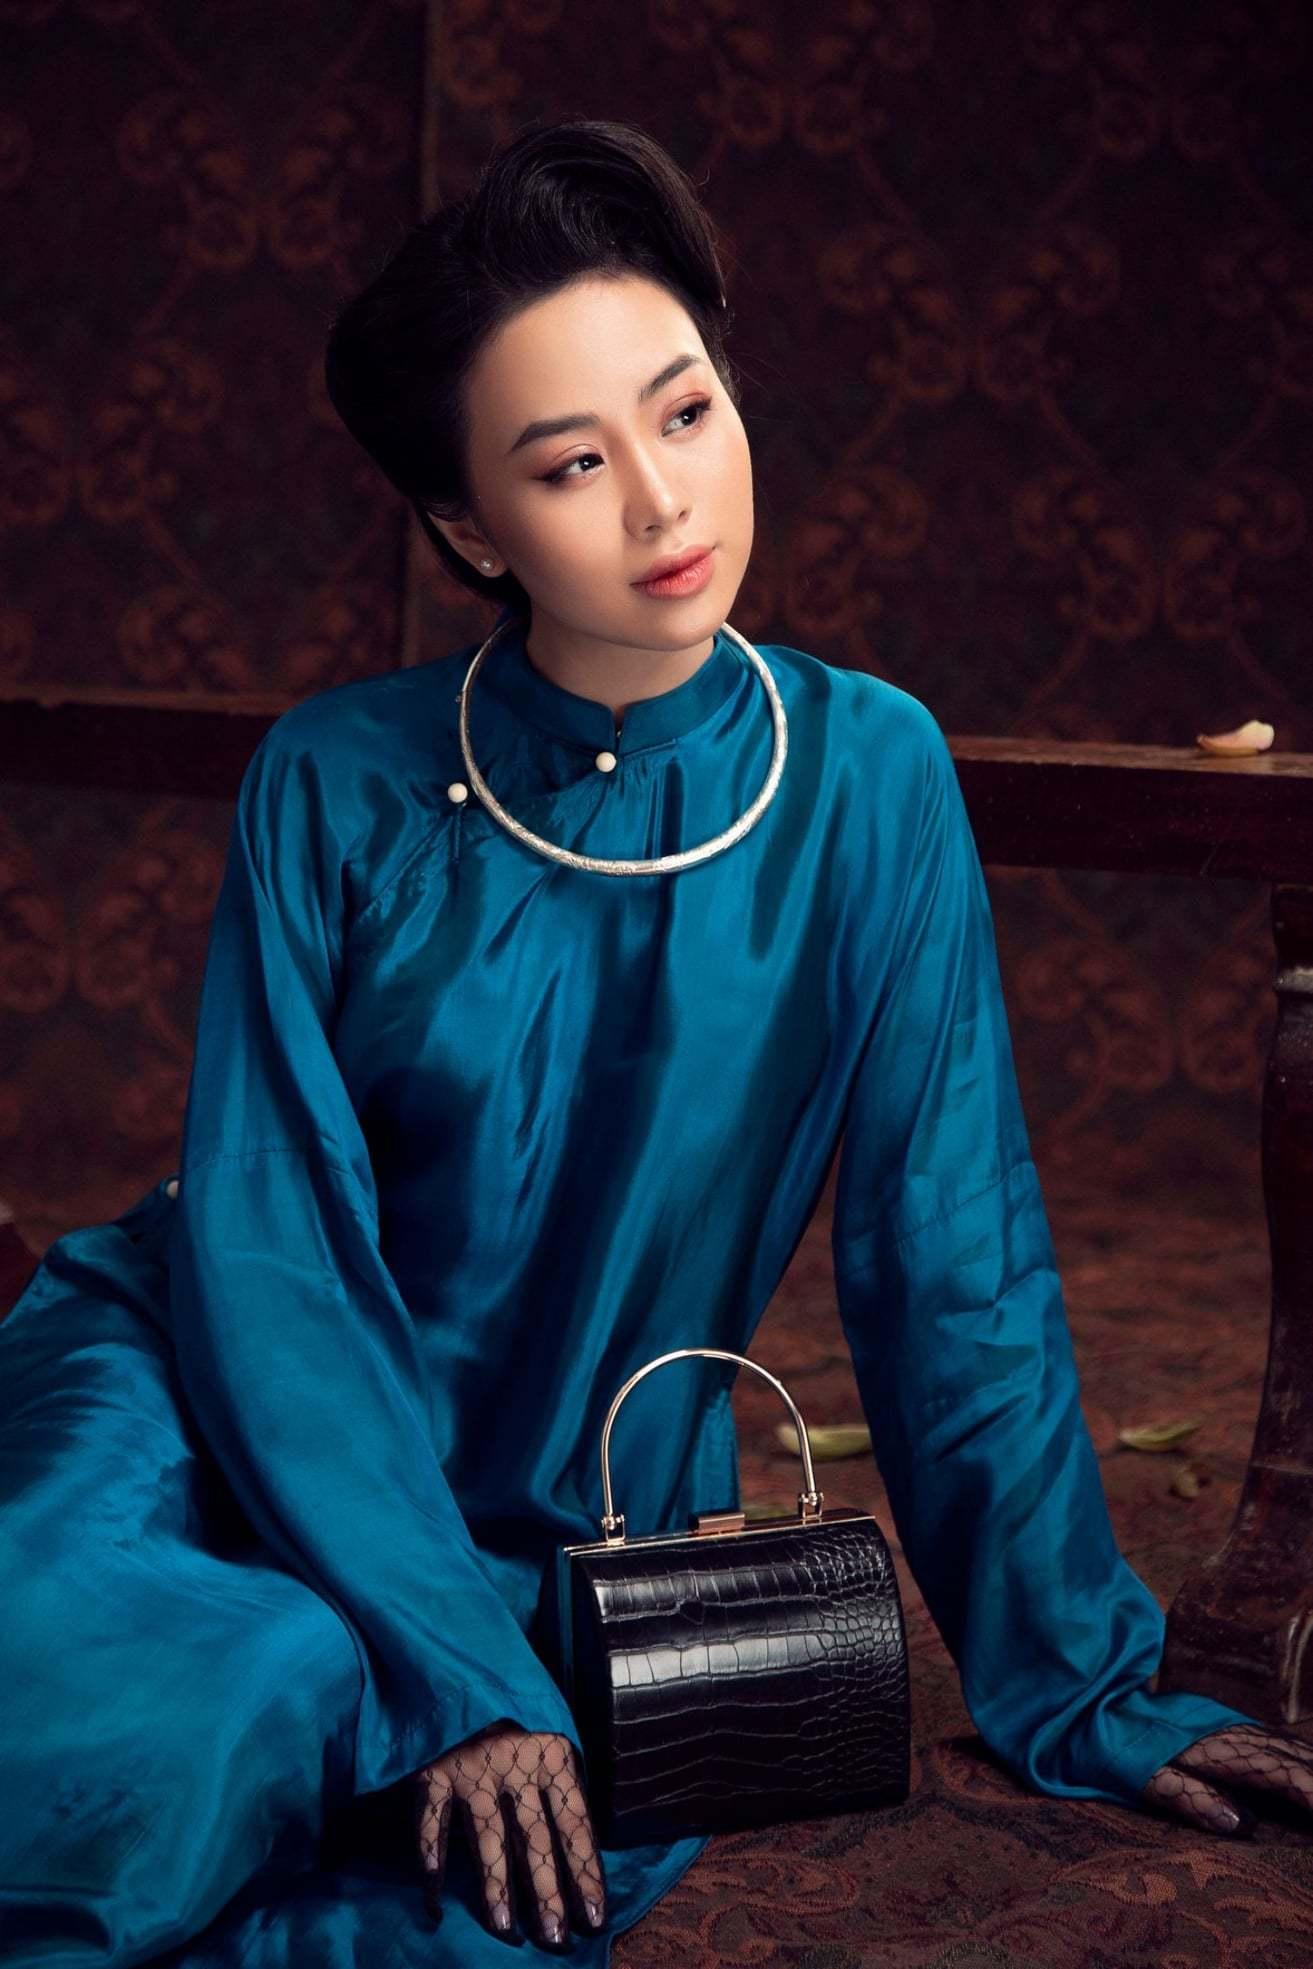 'Nàng thơ' Dương Huệ ra mắt album với loạt tình khúc 'Yêu'